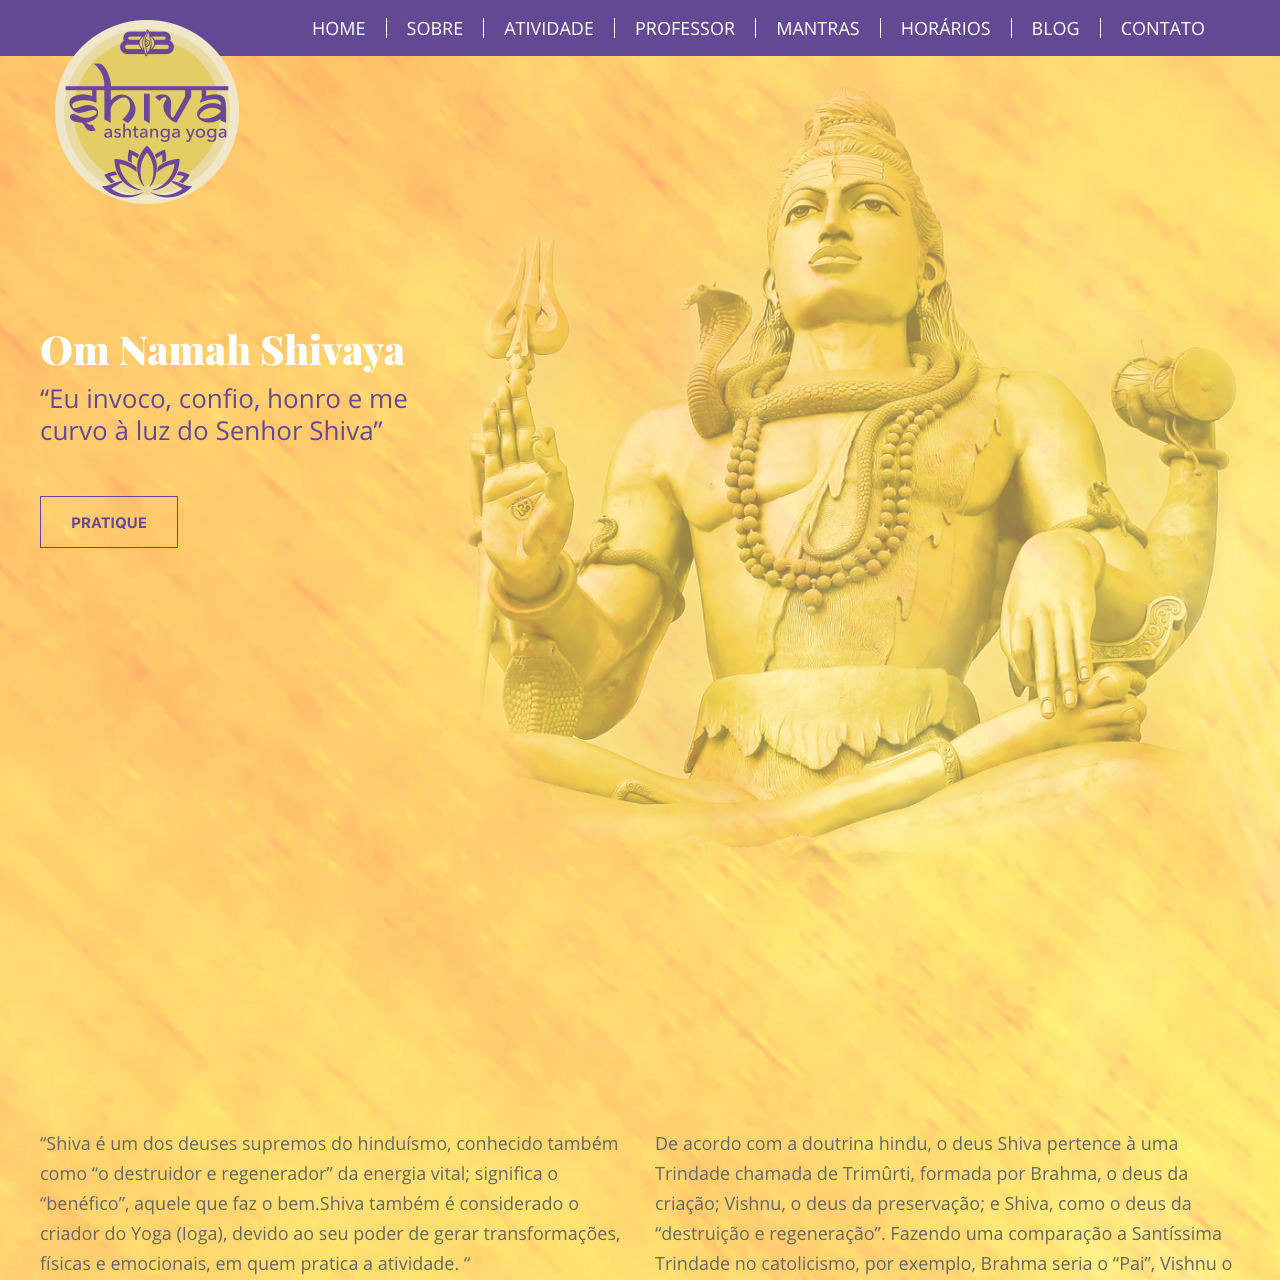 Portfólio - Alvetti Comunicação - Shiva Yoga